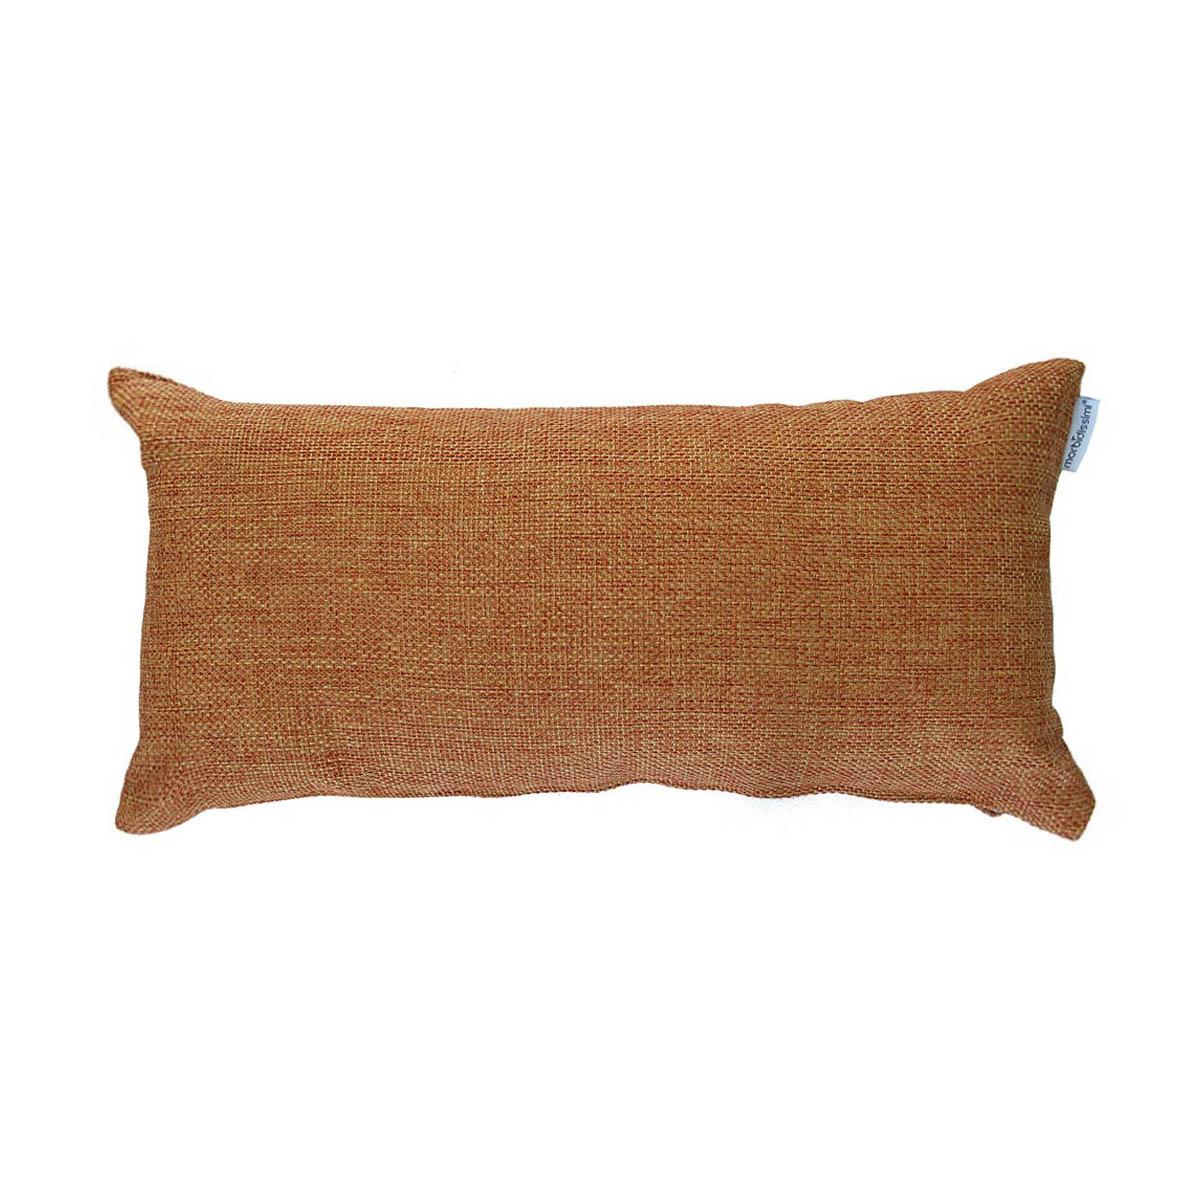 cuscino decorativo per arredo